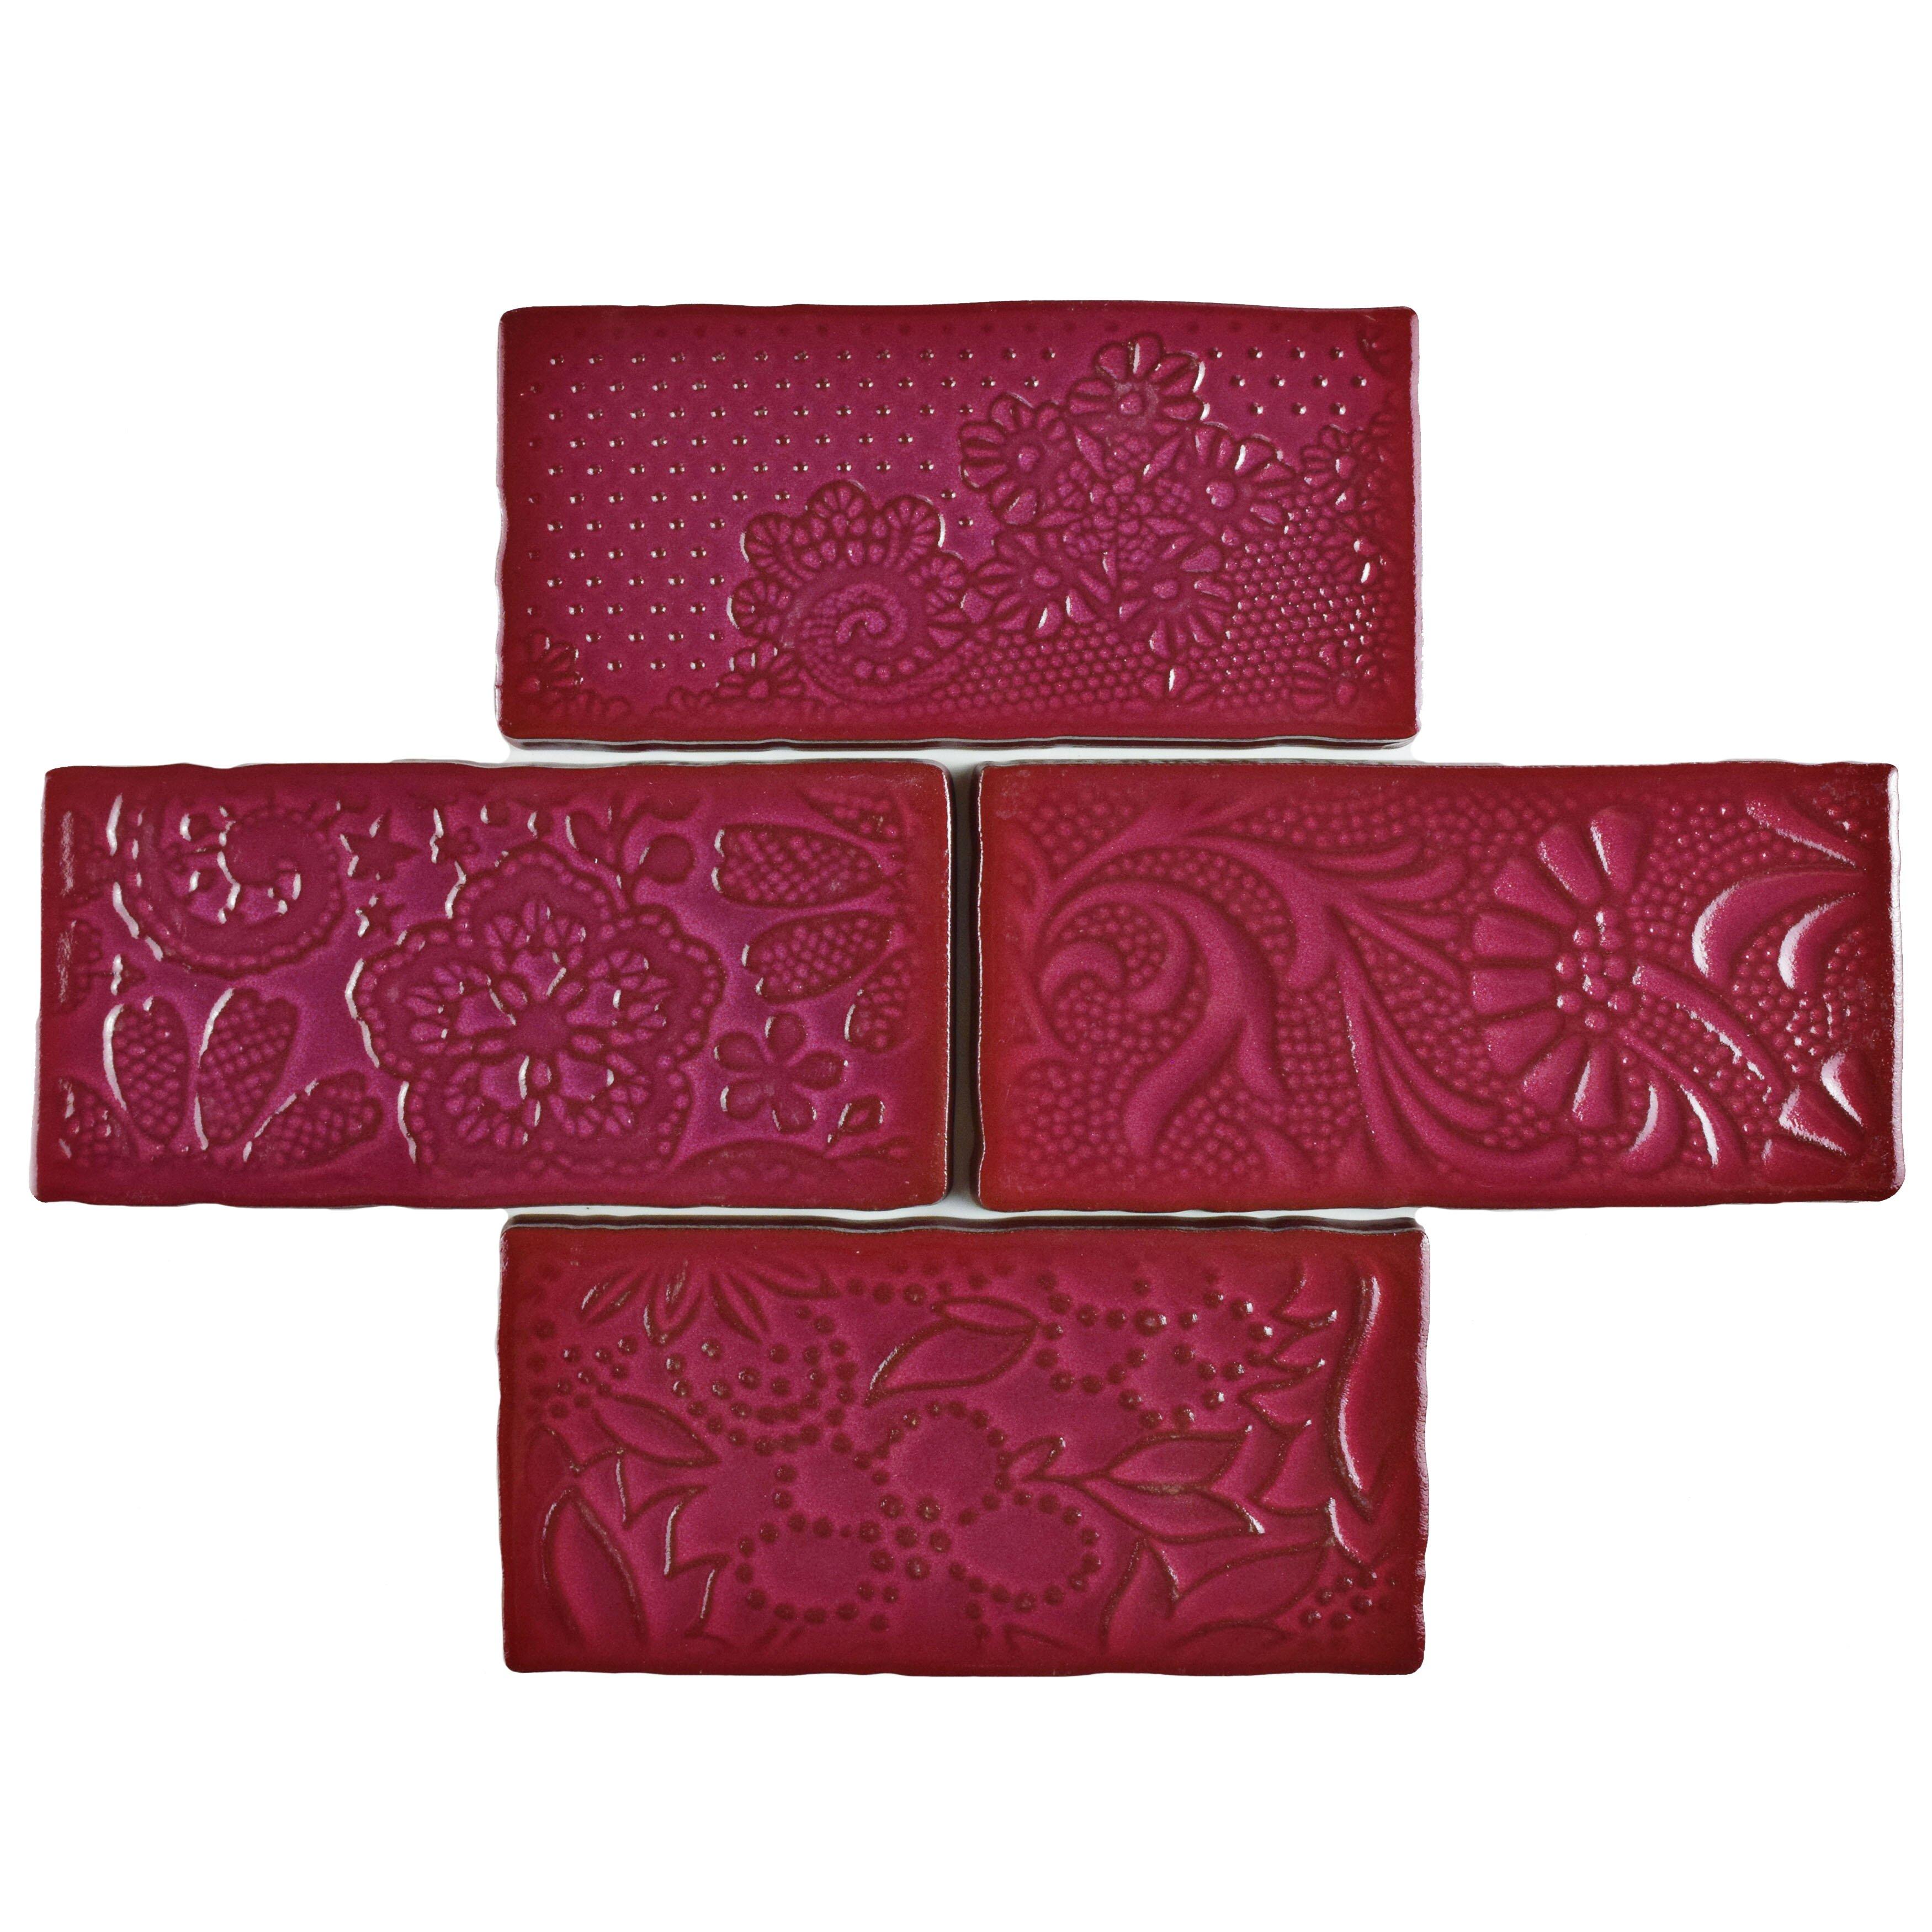 Elitetile Harra 3 X 6 Ceramic Subway Tile In Feelings Red Moon Wayfair